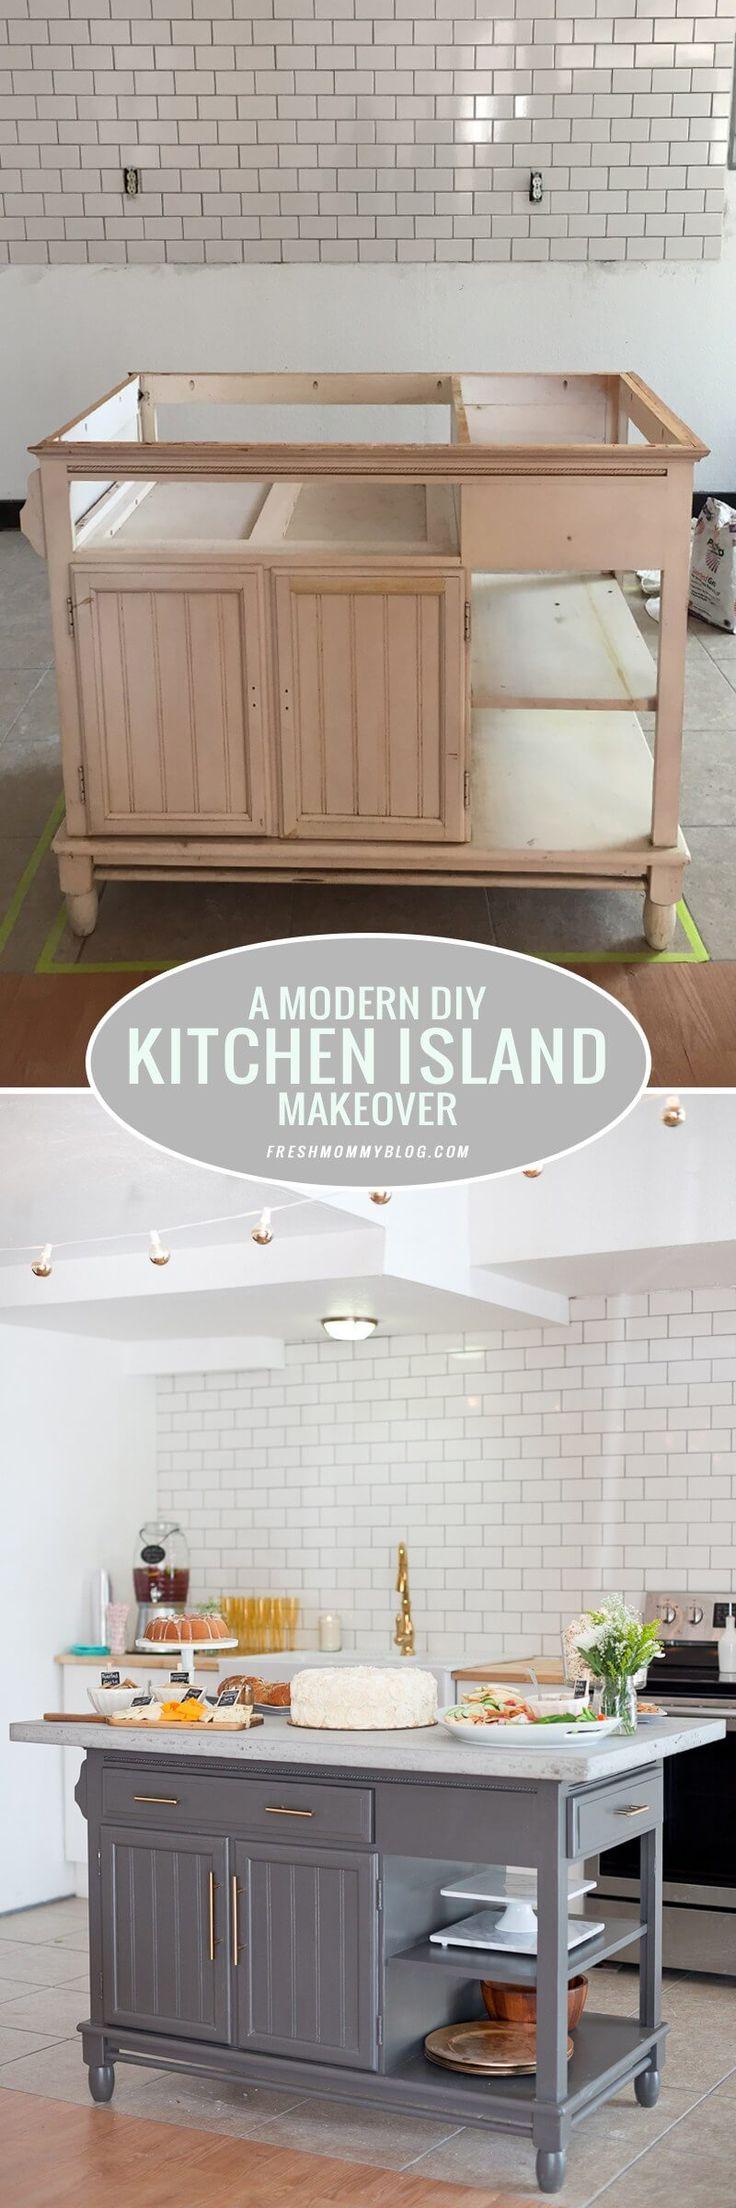 Oltre 25 fantastiche idee su Carrello isola cucina su Pinterest